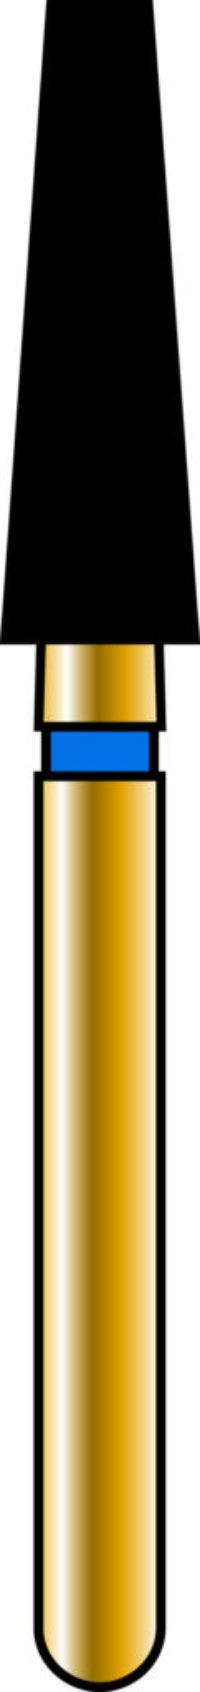 Flat End Taper 25-8mm Gold Diamond Bur